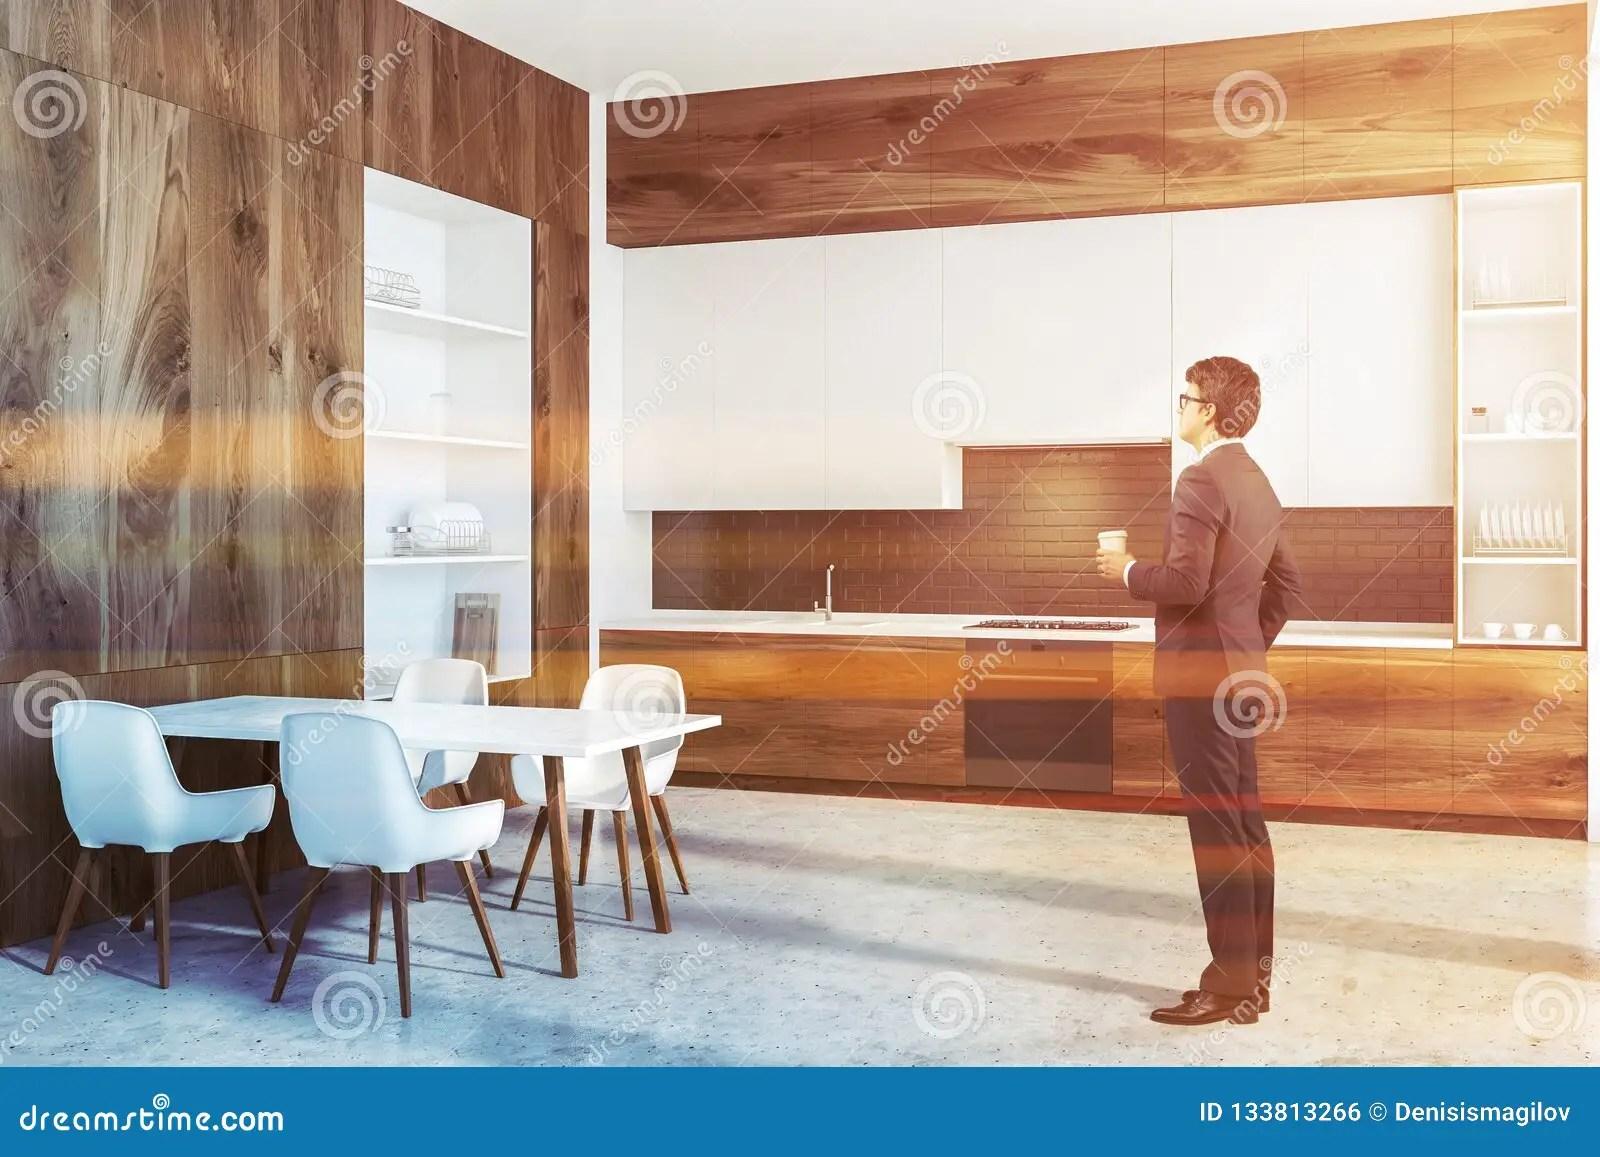 corner hutch kitchen tops cabinets 与桌 人的木厨房角落库存例证 插画包括有设计 重婚 补白 内部 灌肠 人的木厨房角落